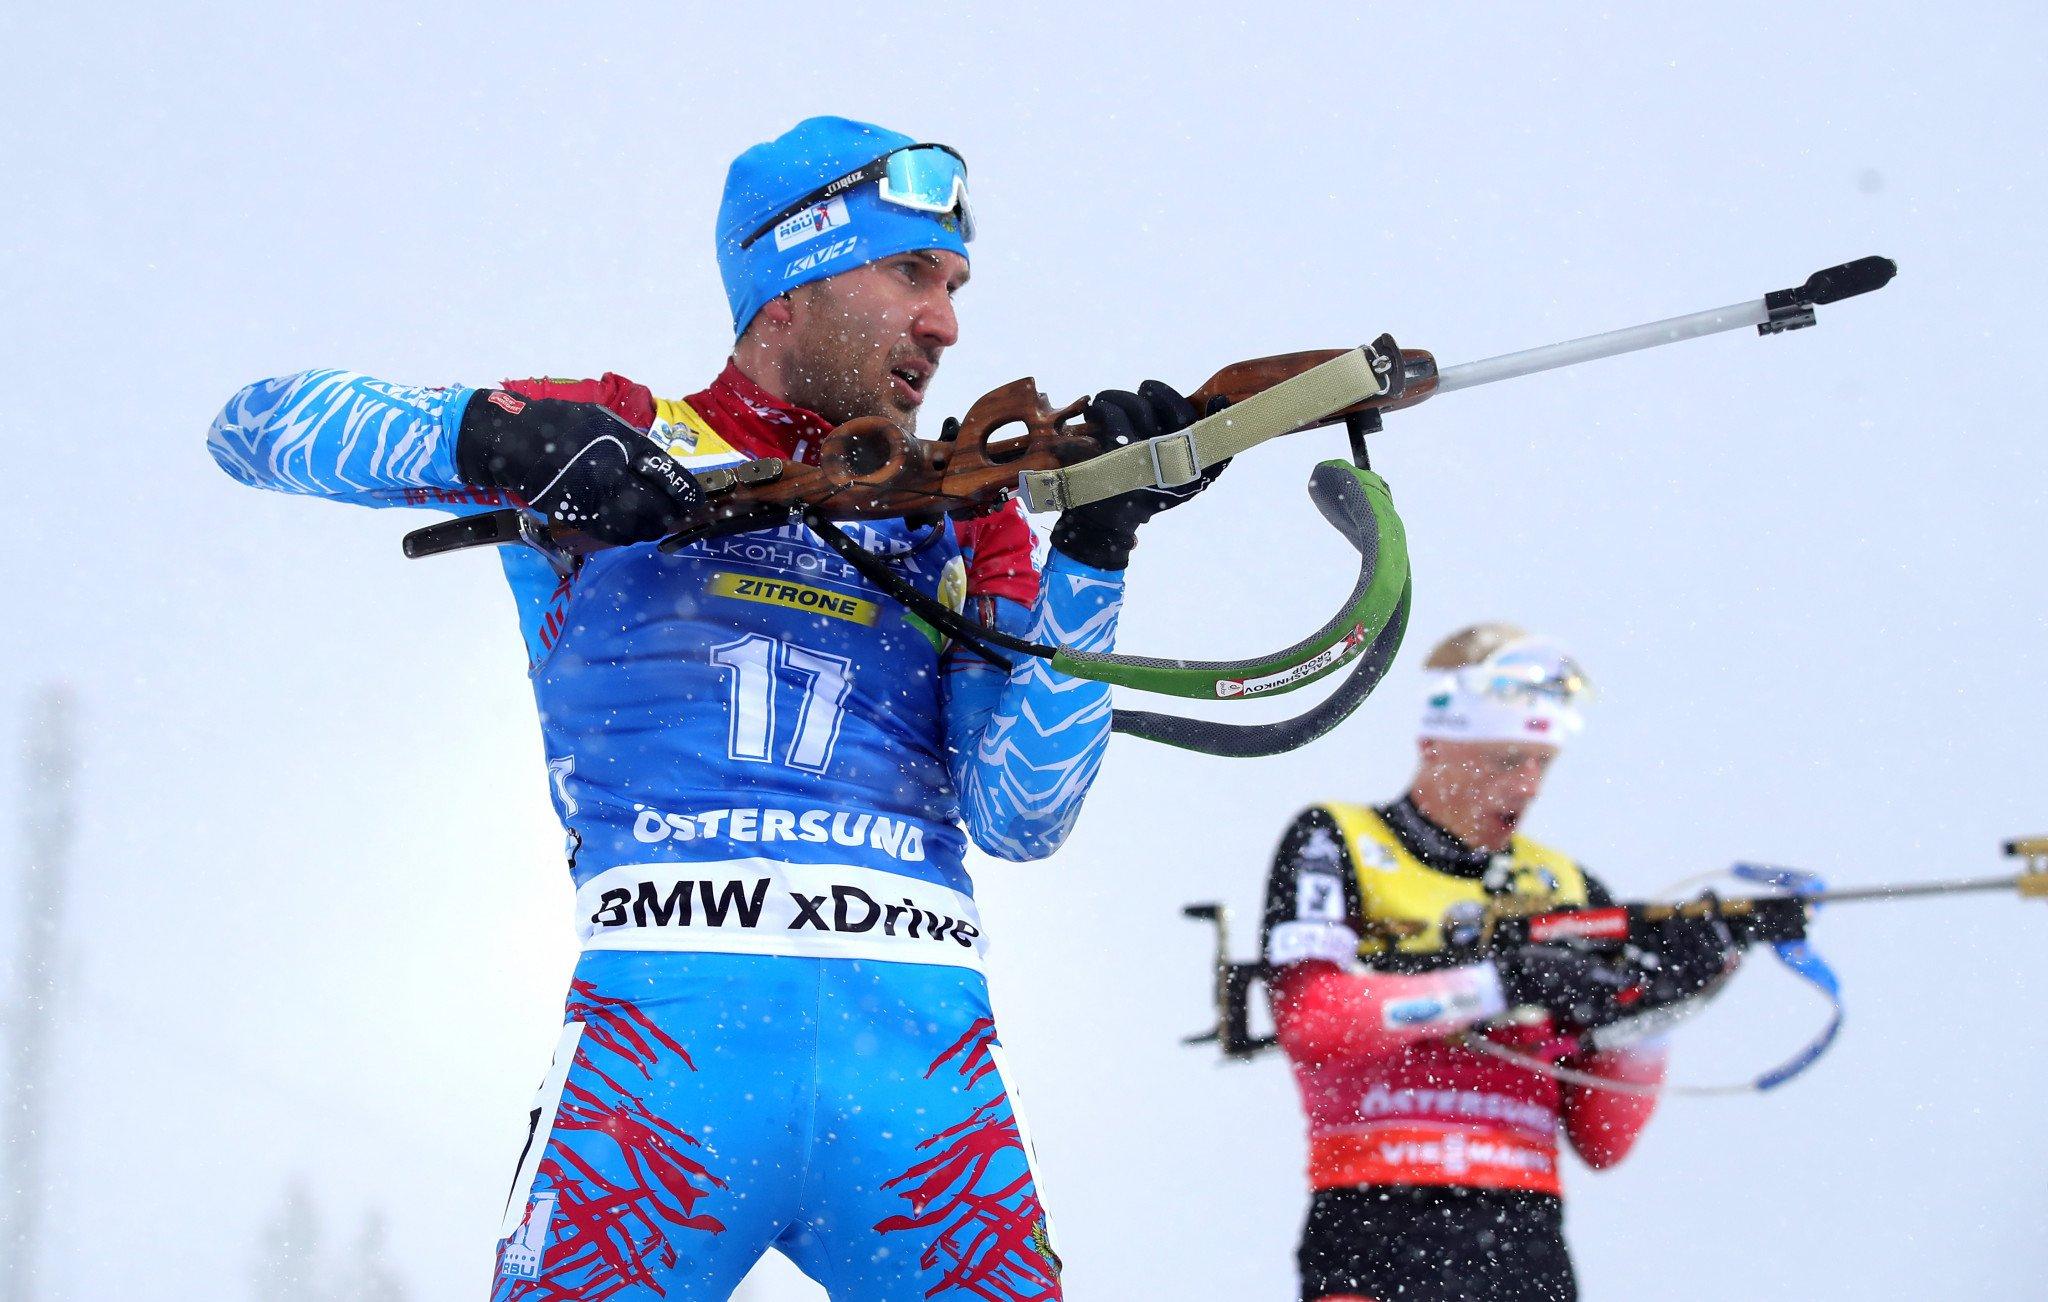 Хофер выиграл спринт на этапе Кубка мира в Эстерсунде, Гараничев — 11-й